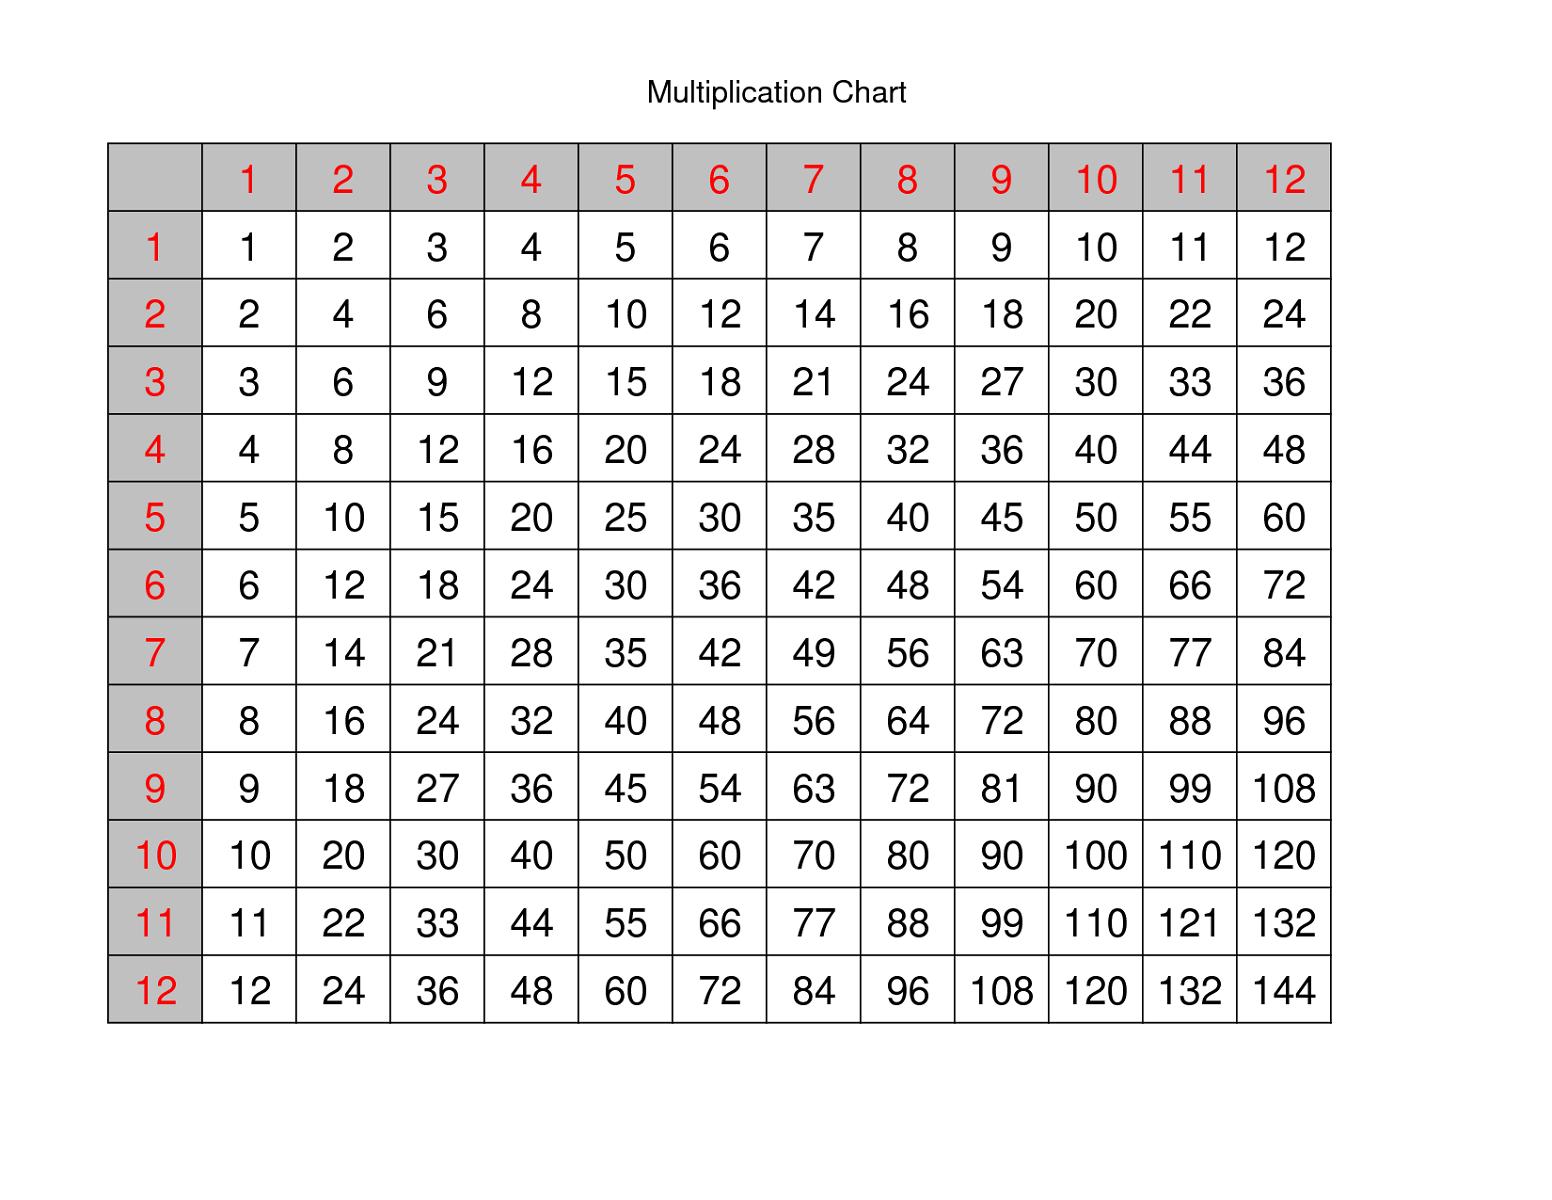 Multiplication Worksheet Template | Printable Worksheets And within Printable Multiplication Chart Free